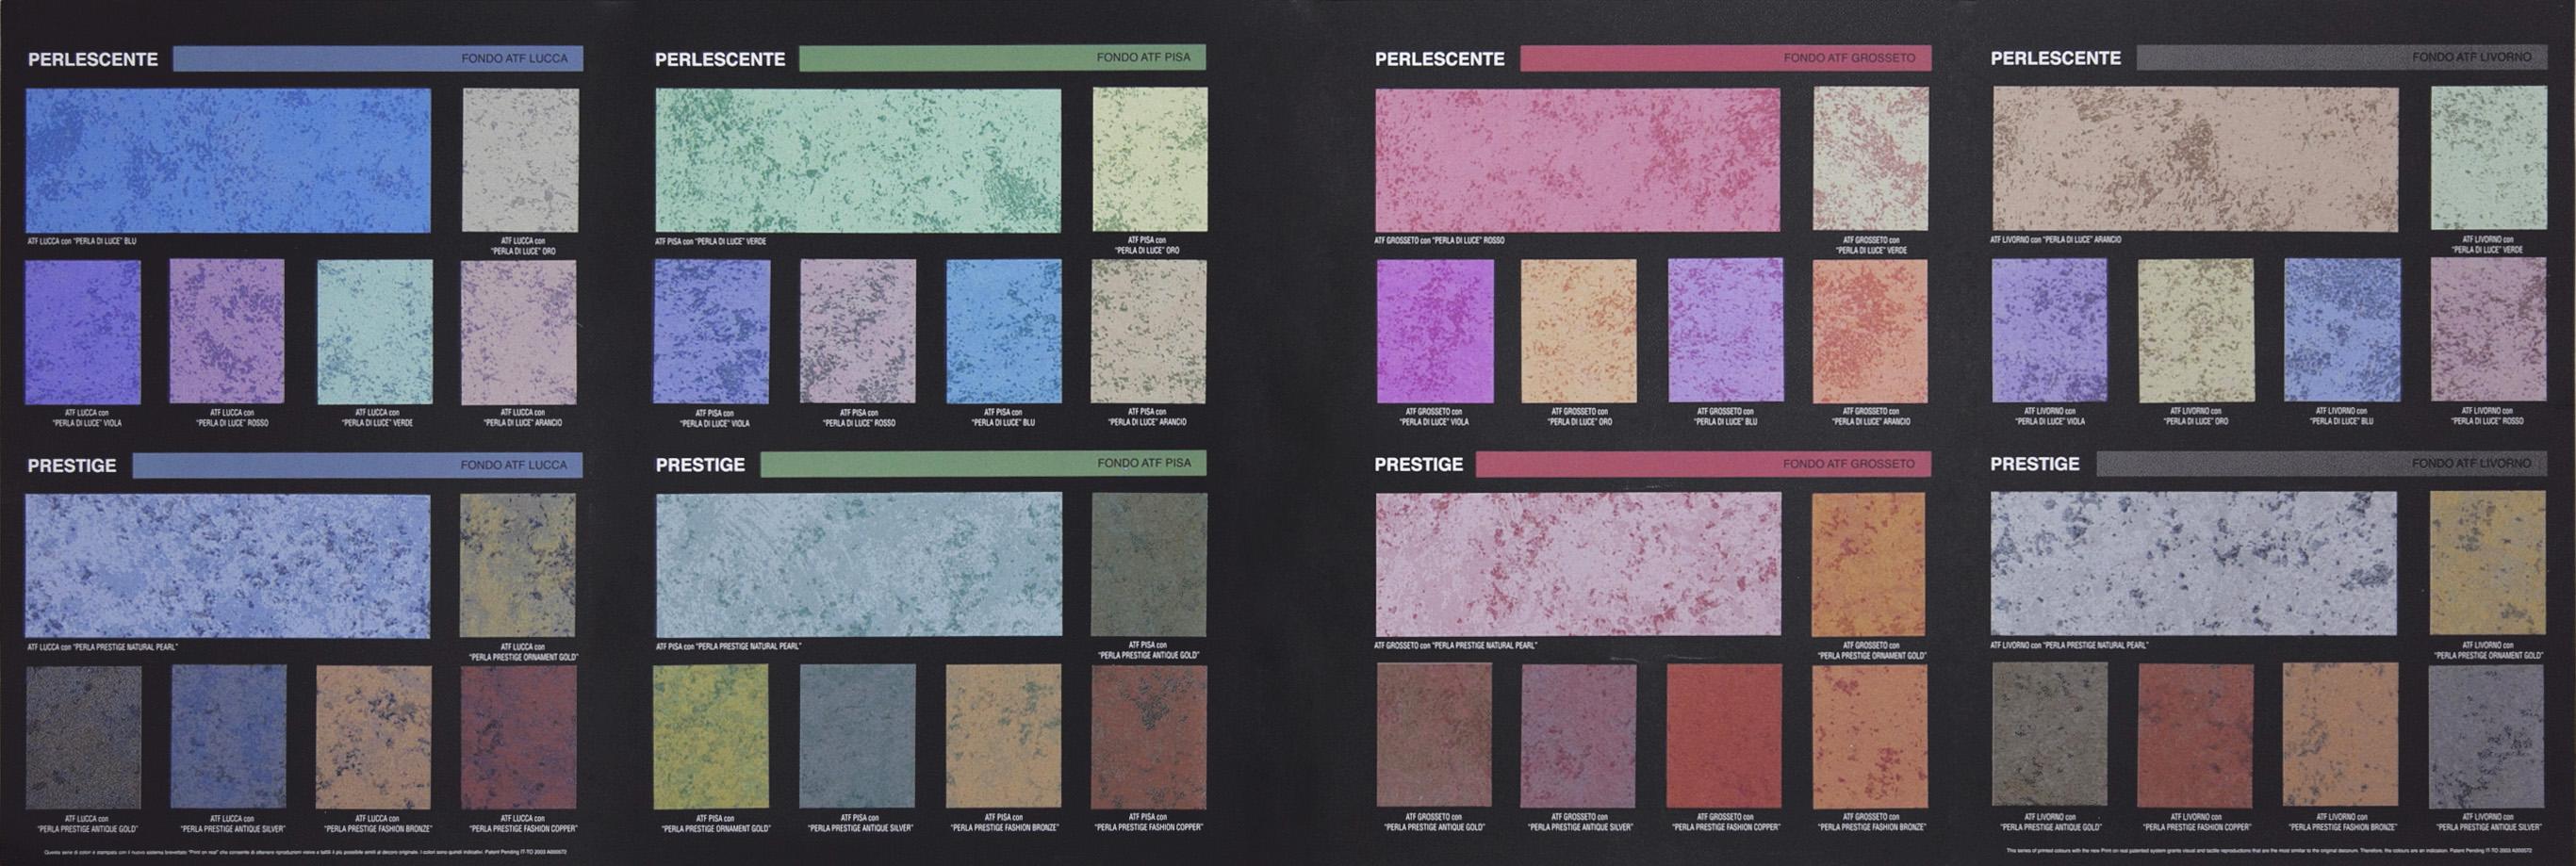 Terre fiorentine perlescenti prezzi | Colori per dipingere ...